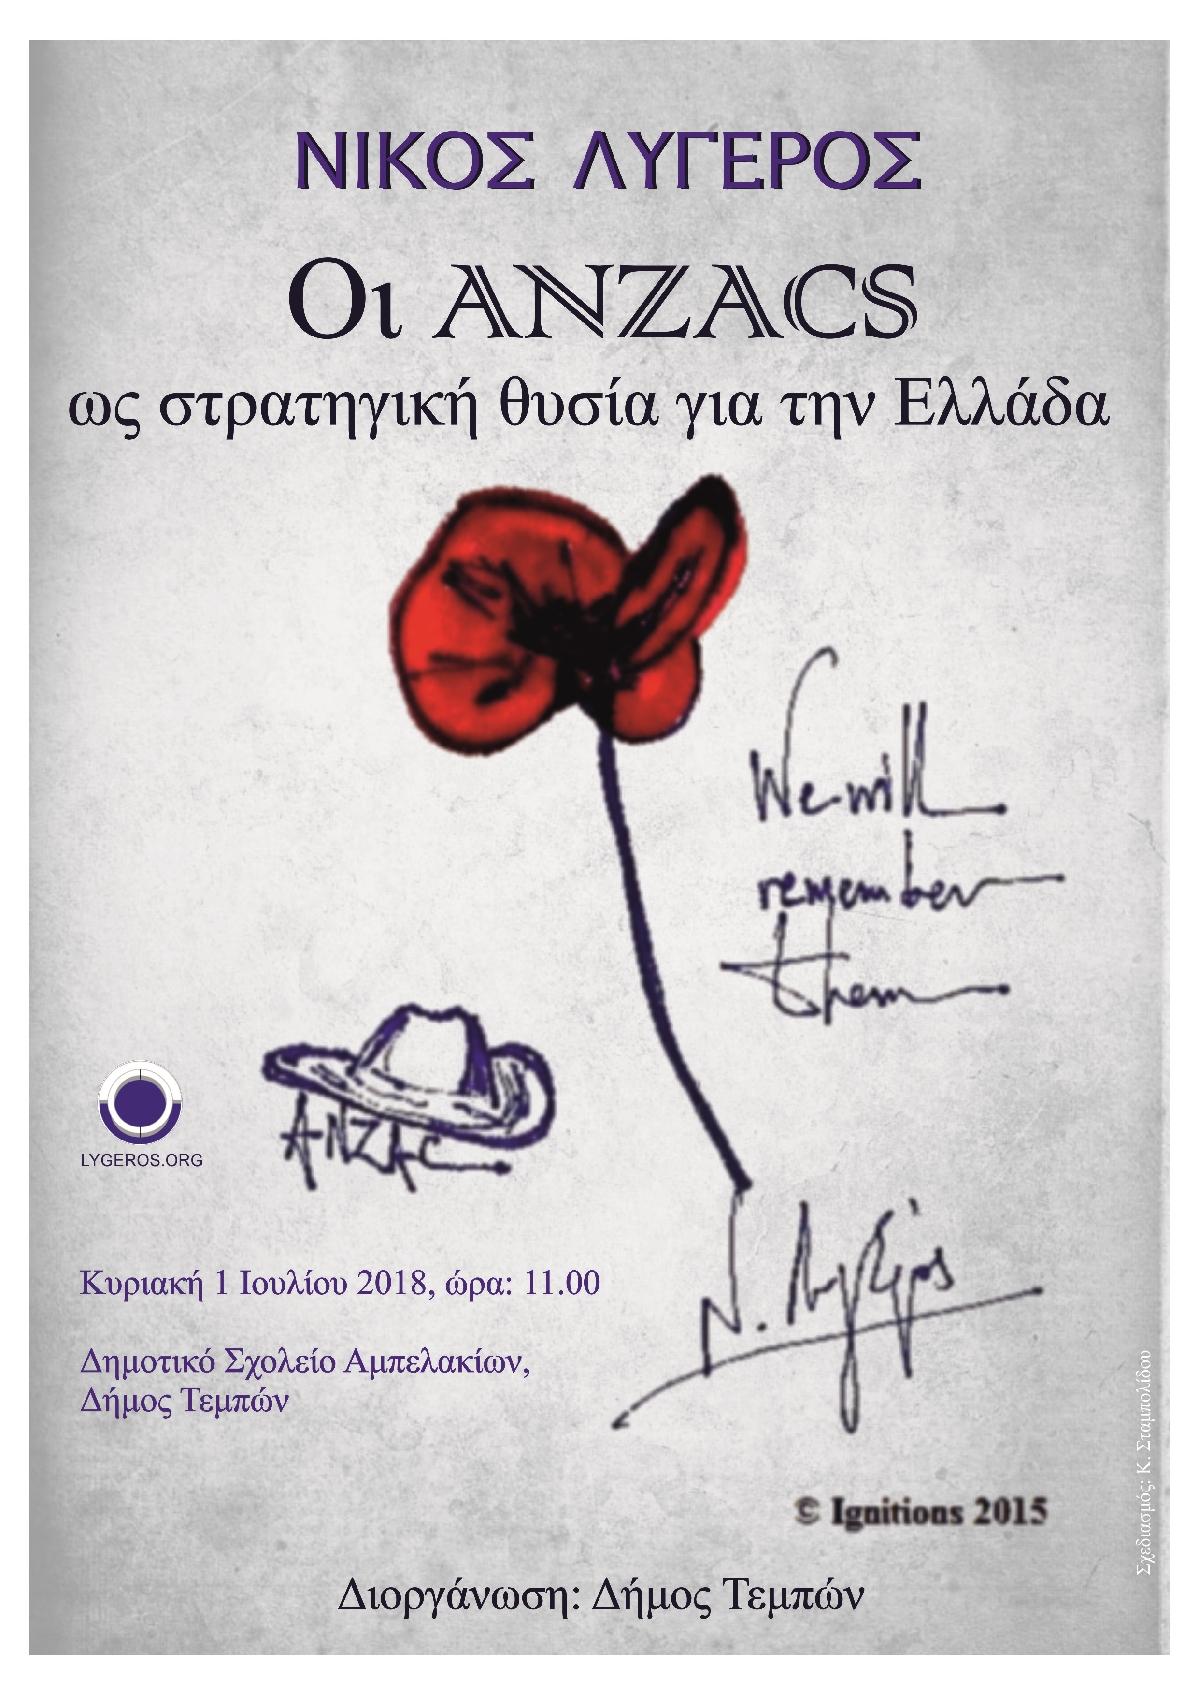 Διάλεξη: Οι ANZACS ως στρατηγική θυσία για την Ελλάδα